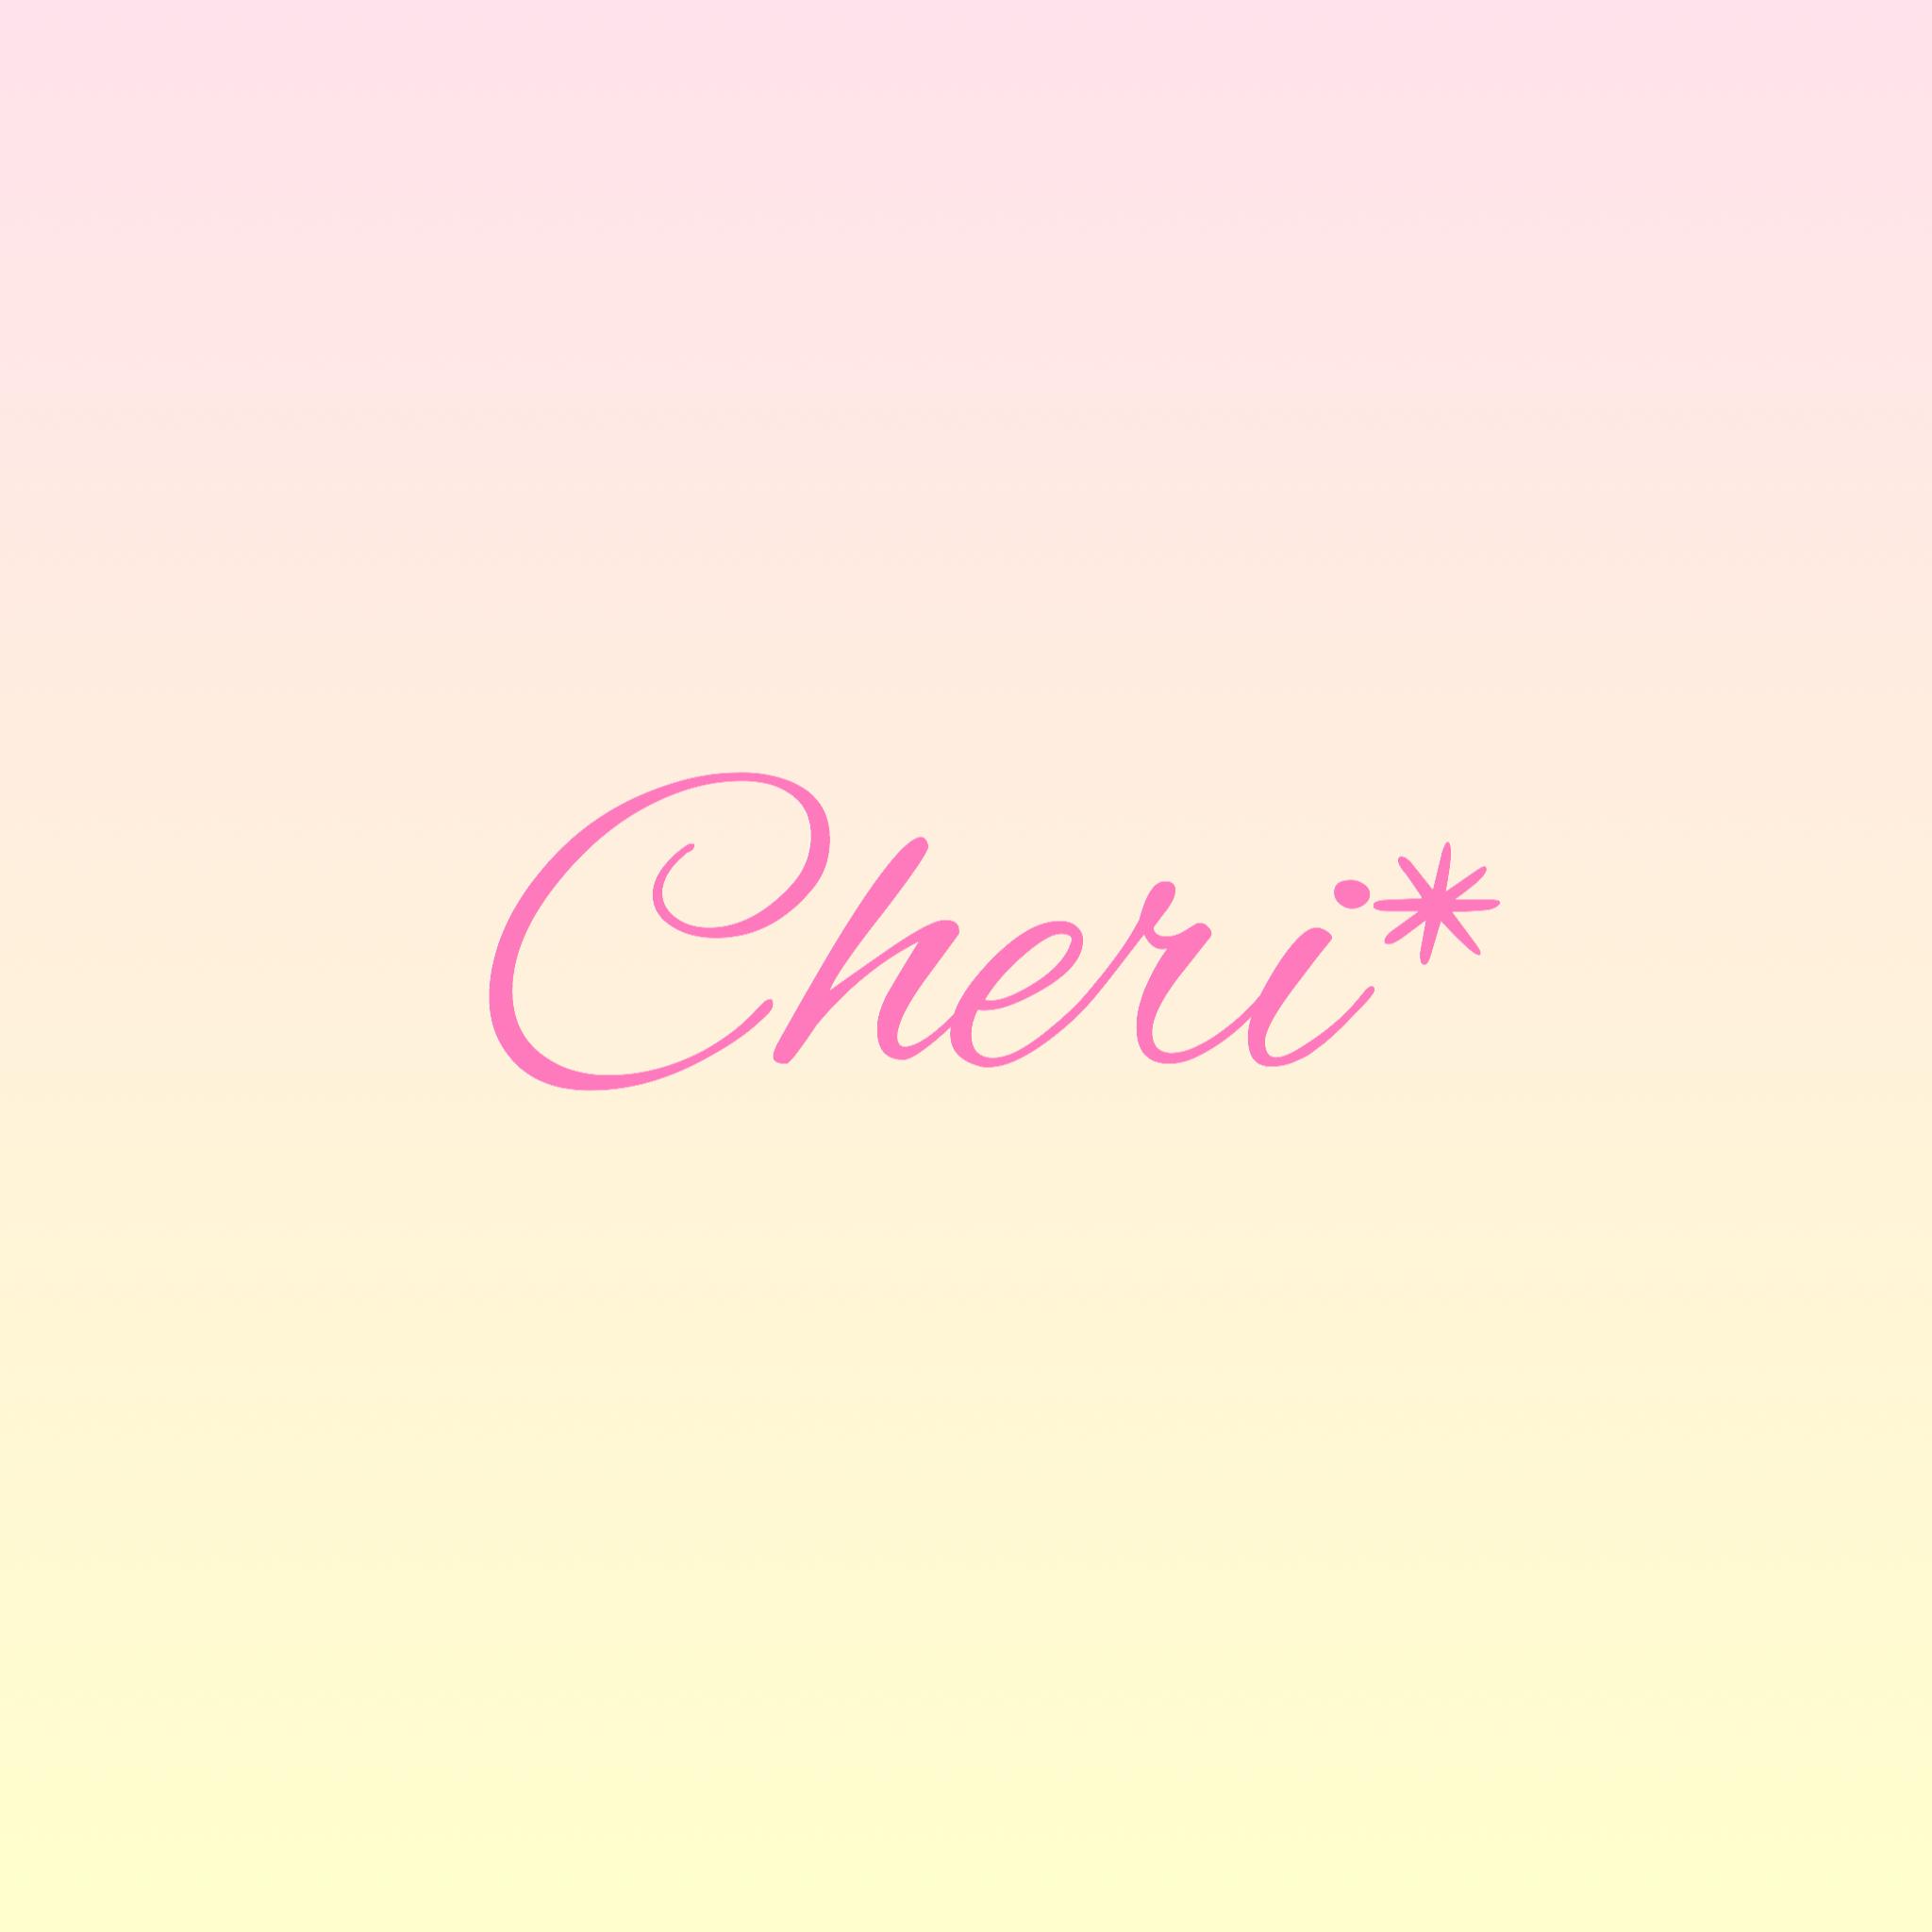 Cheri*